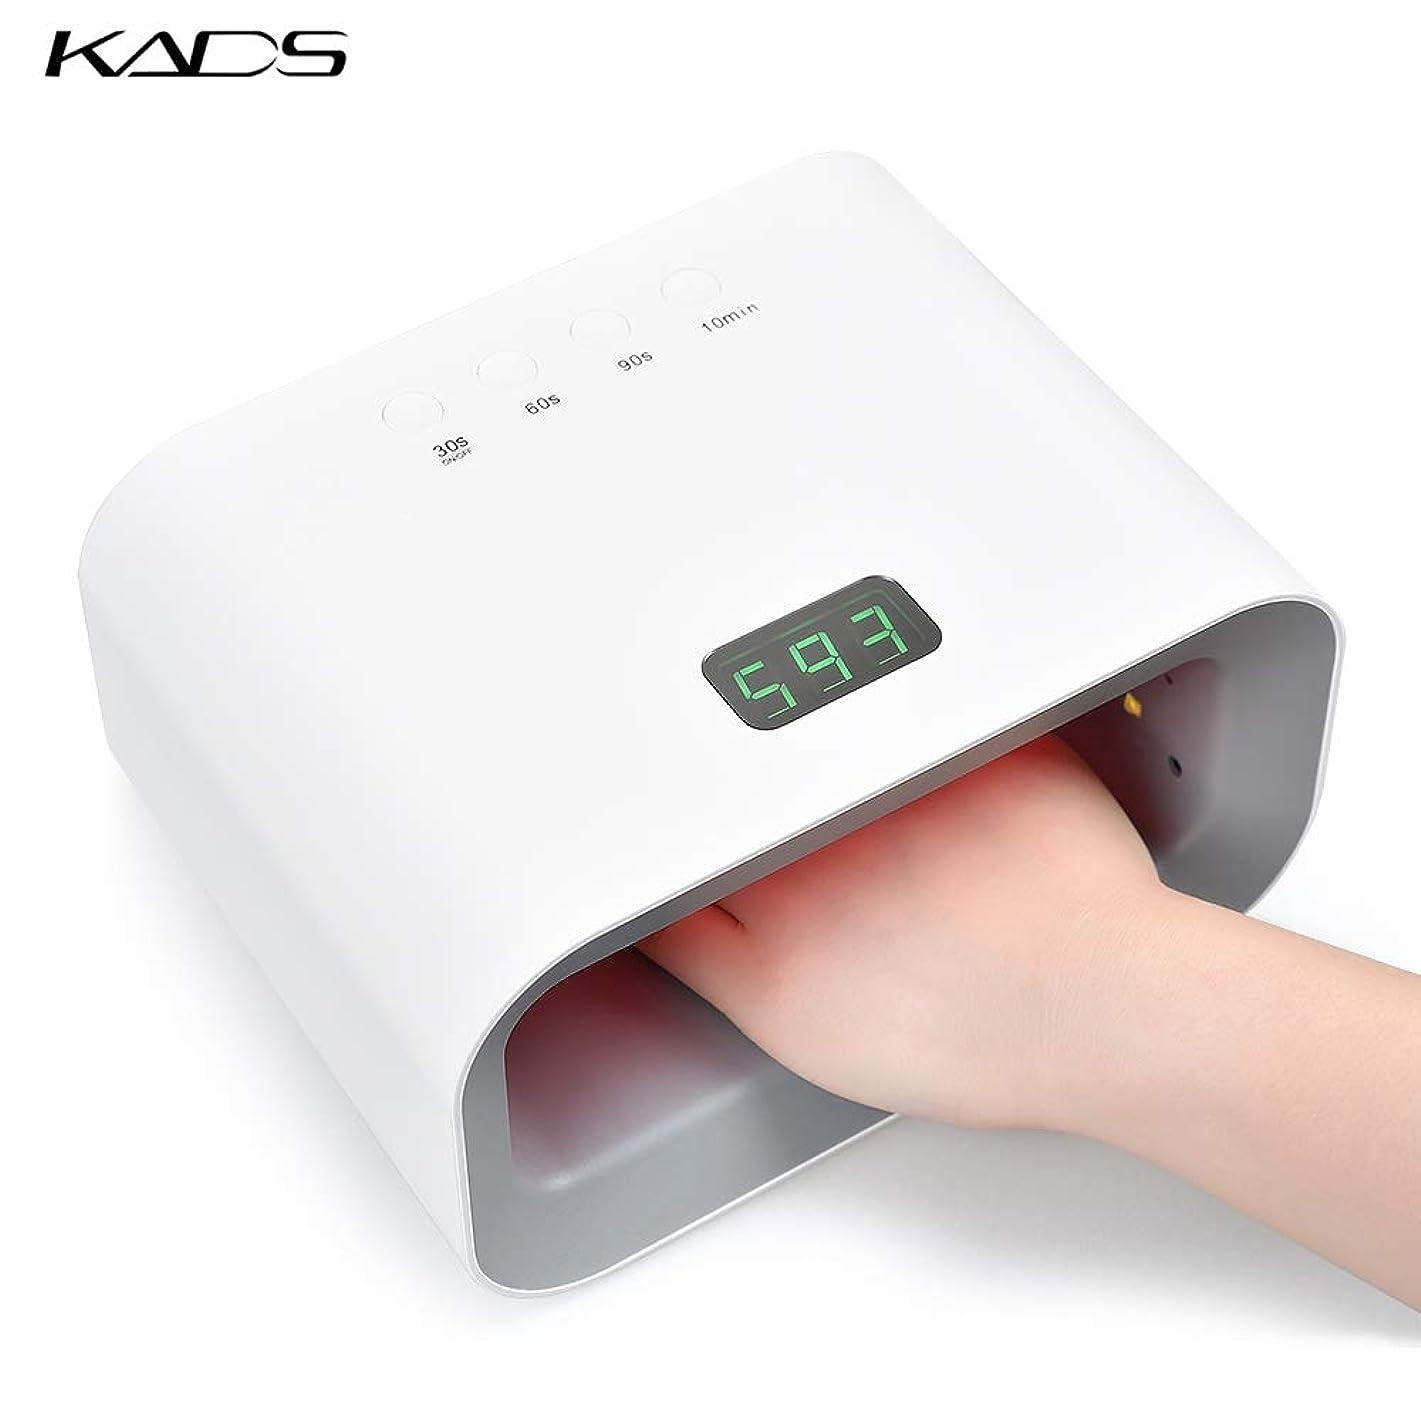 感情発揮する確認KADS LEDネイルドライヤー UV/LEDライト 90W 美白機能付き 3段階タイマー設定 高速硬化 硬化用ライト ランプ ジェルネイル用 赤外線検知